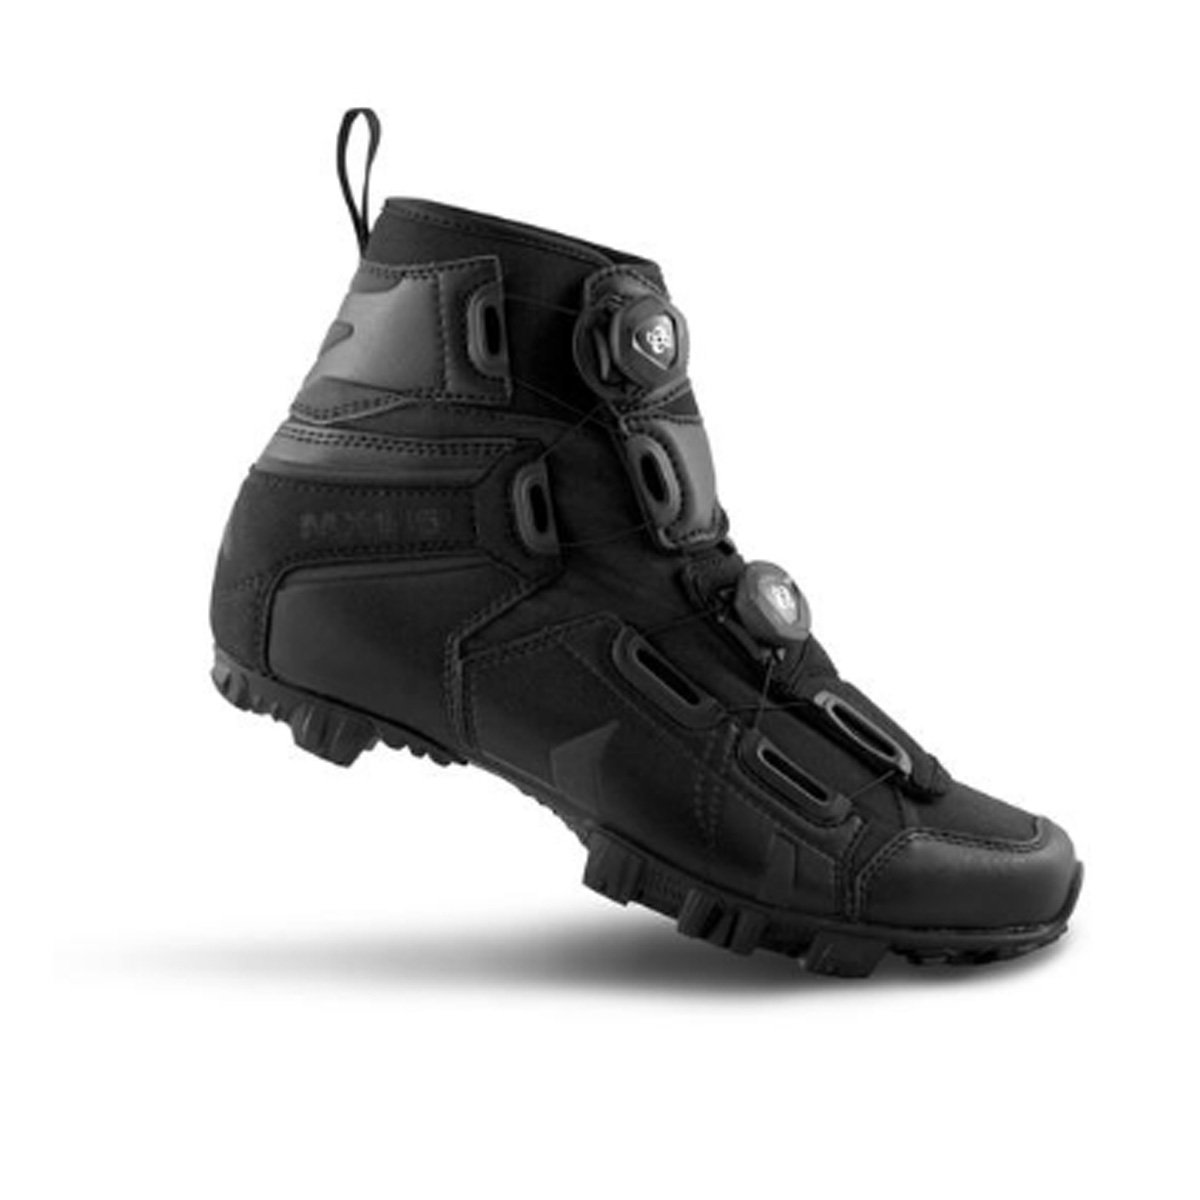 湖Cycling 2018メンズmx145マウンテンサイクル靴 – ブラック48   B077NR2J6C